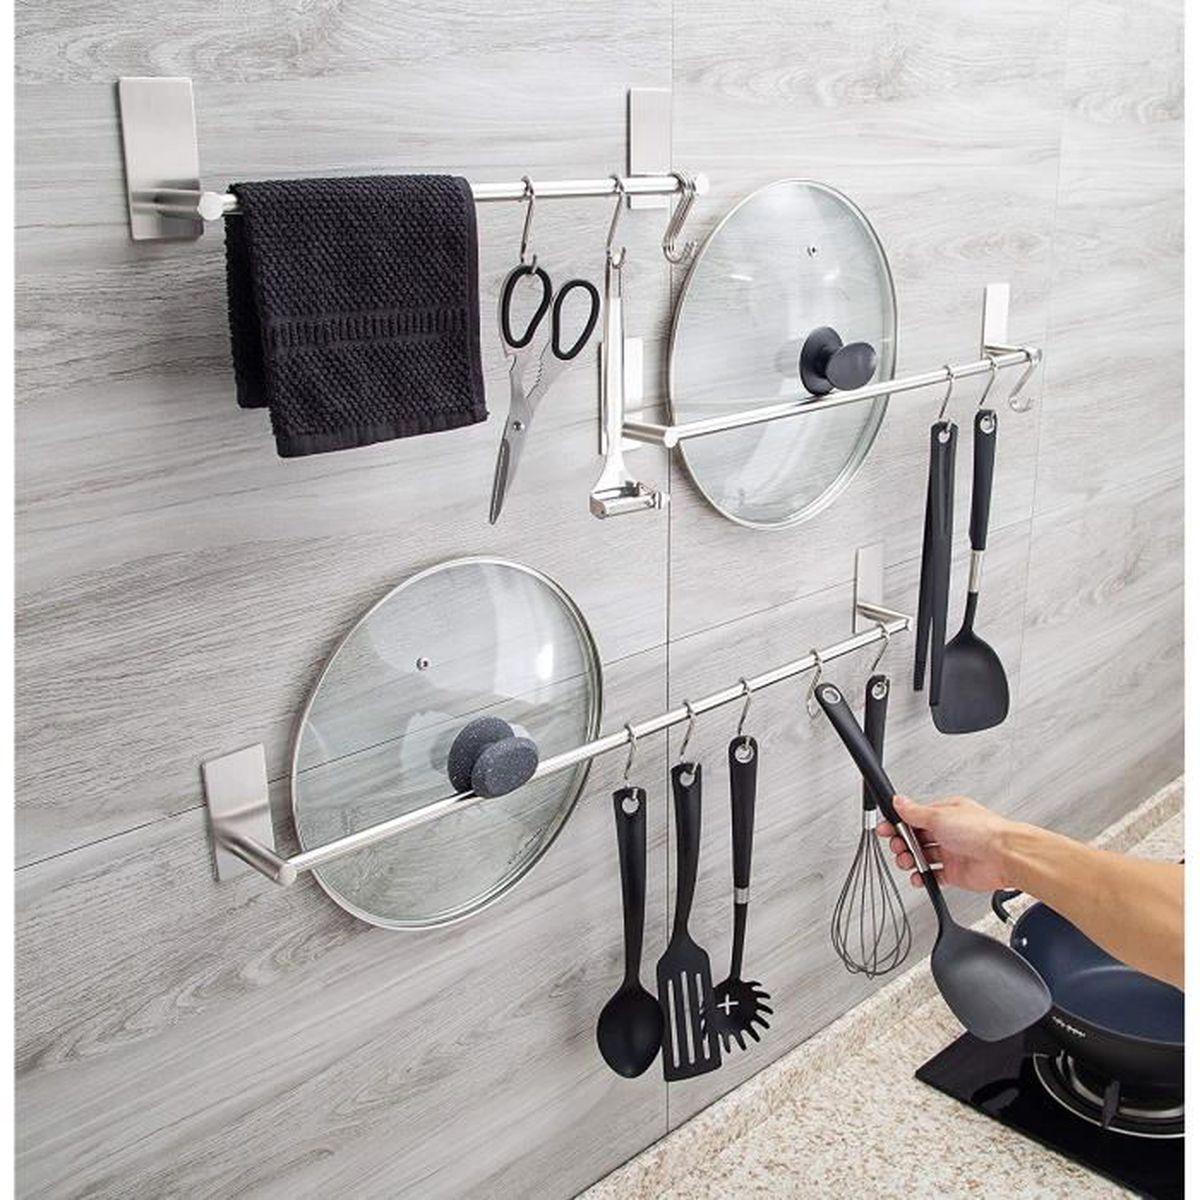 Porte Ustensile De Cuisine Sans Percer porte-serviette barre de serviette en acier inoxydable brossé sans perçage  salle de bain et cuisine 40 cm